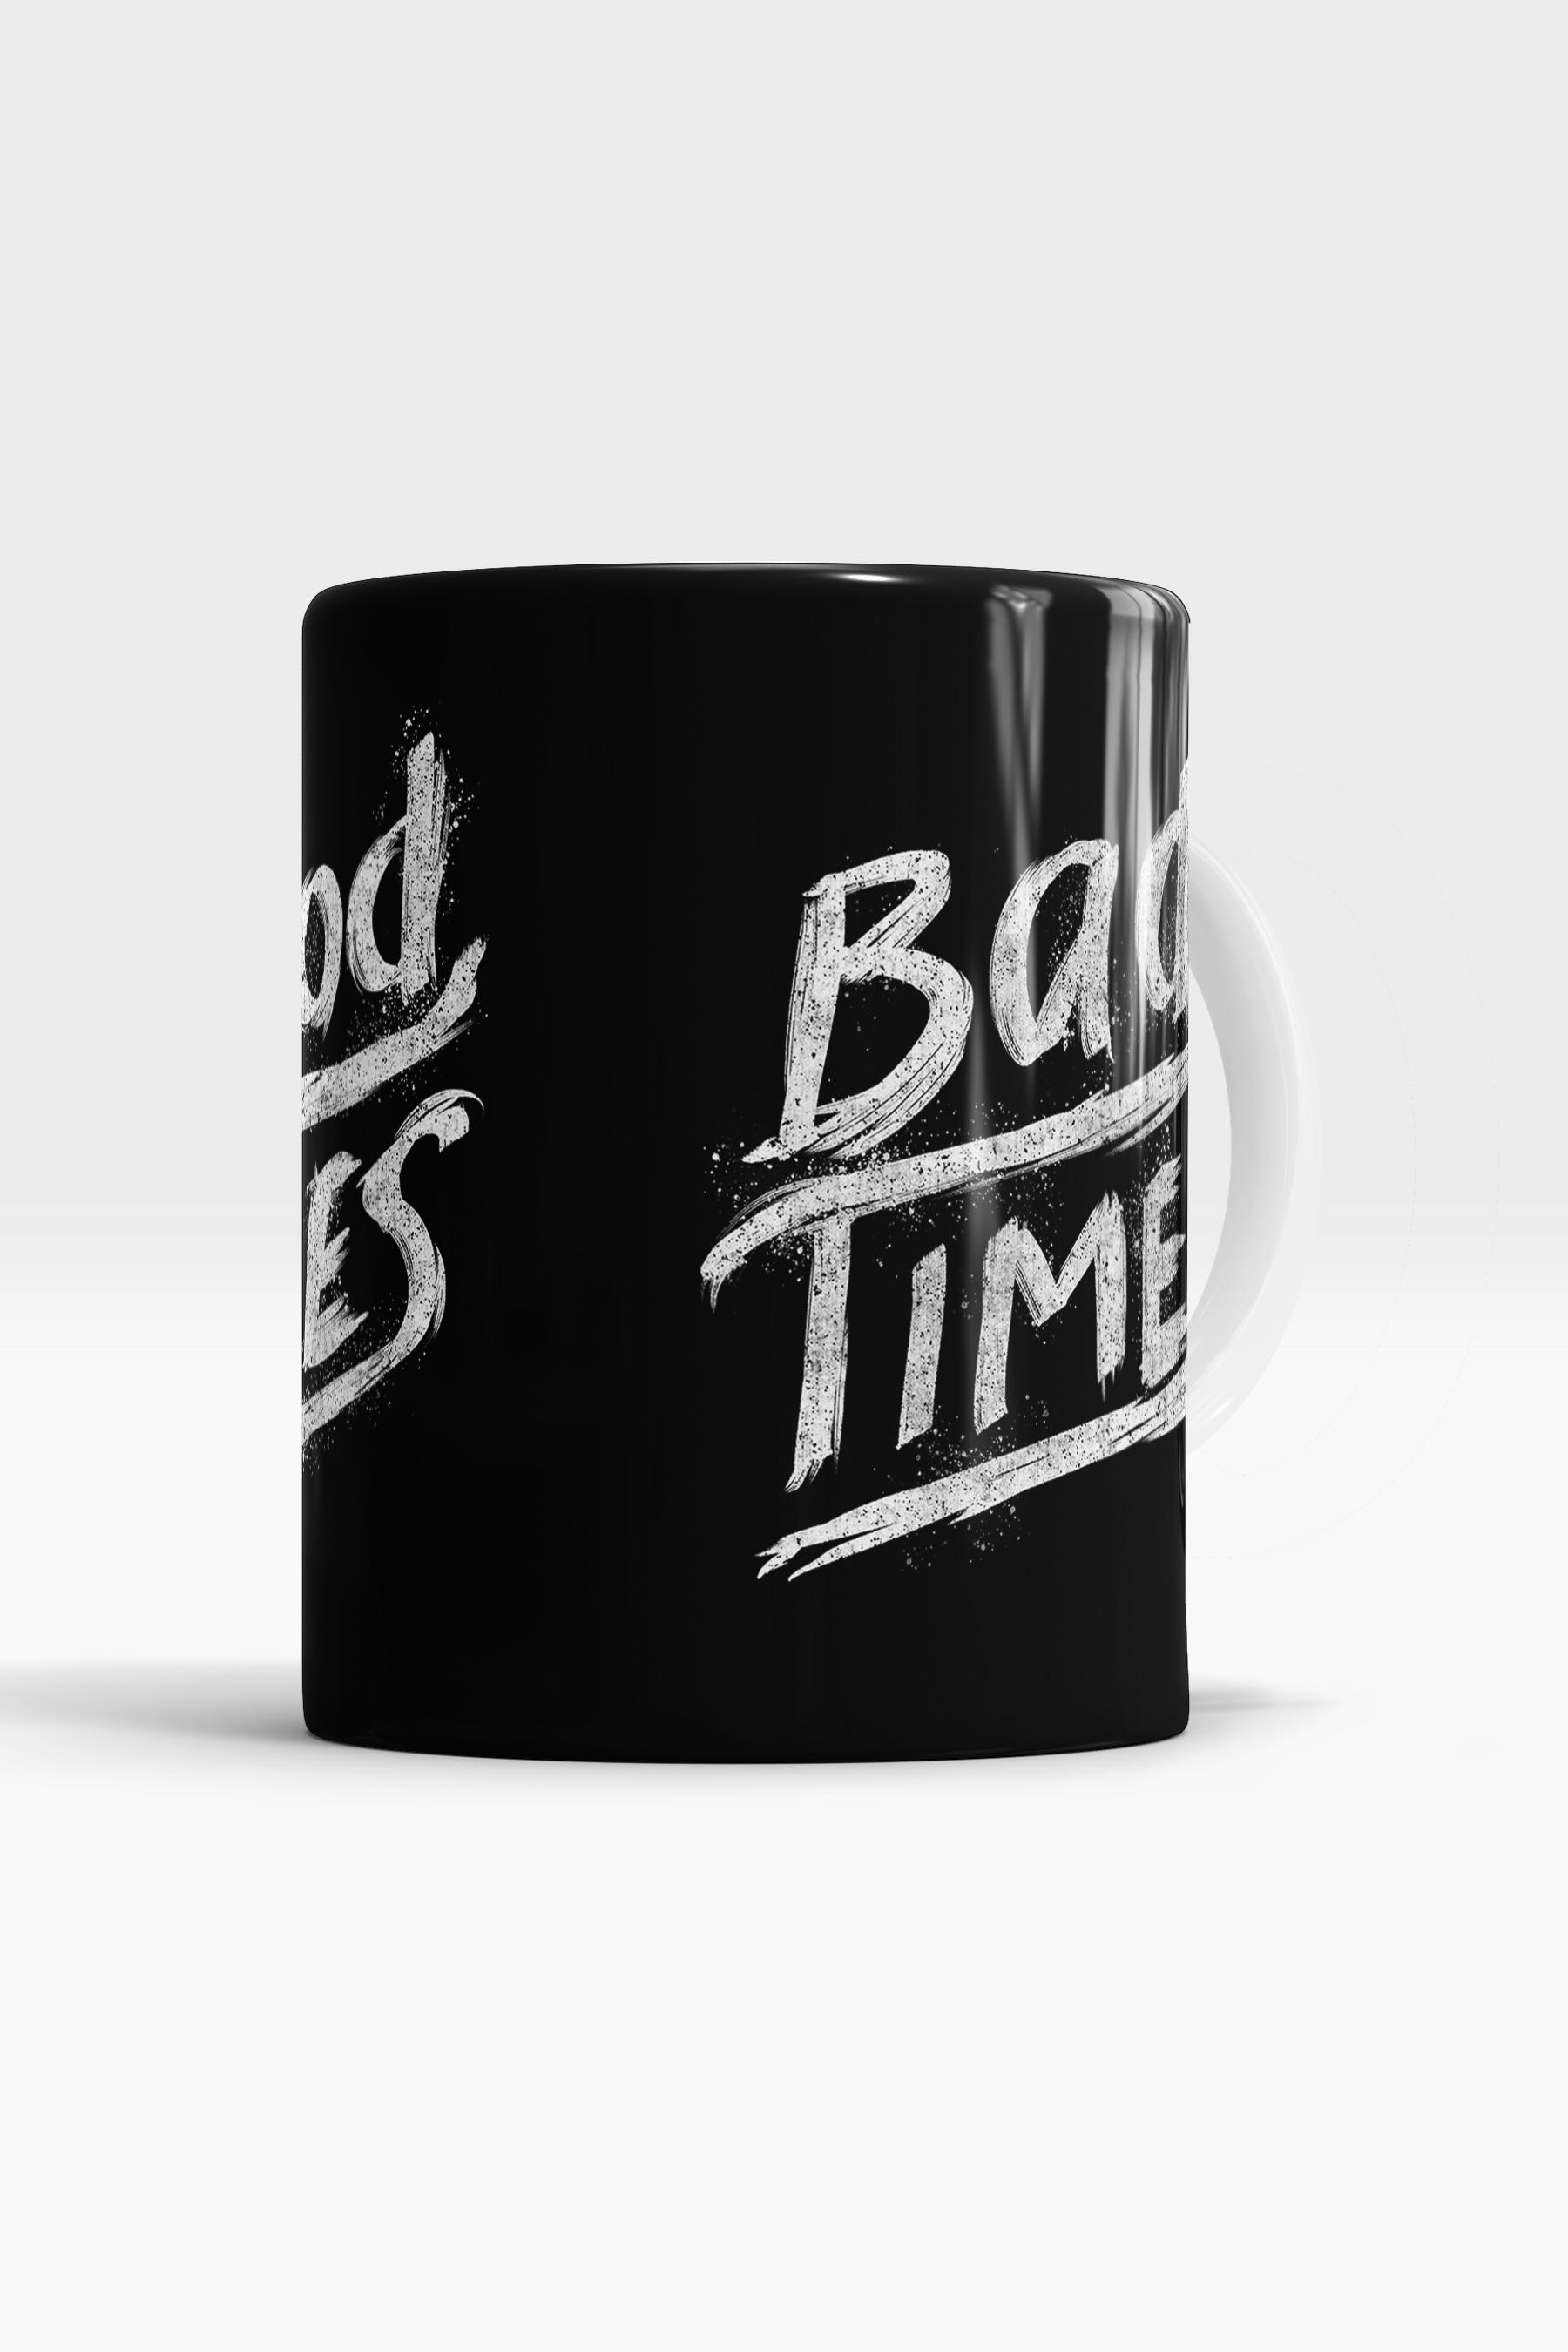 Oferta Caneca Good Times Bad Times por R$ 54.9